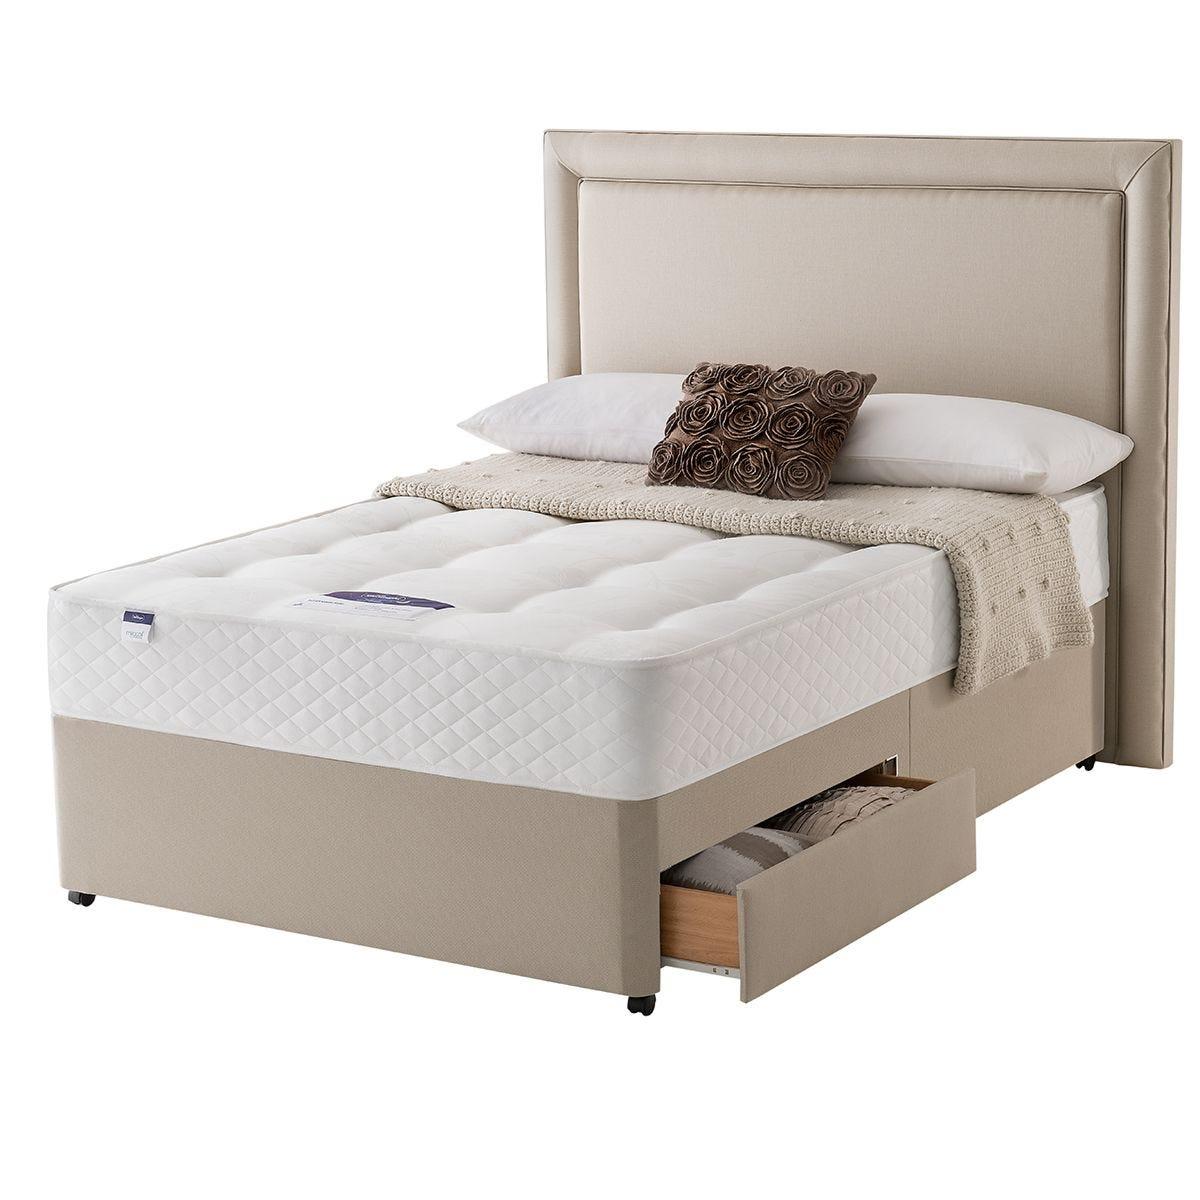 Silentnight Miracoil Ortho 90cm 2 Drawer Divan Bed Set - Sandstone